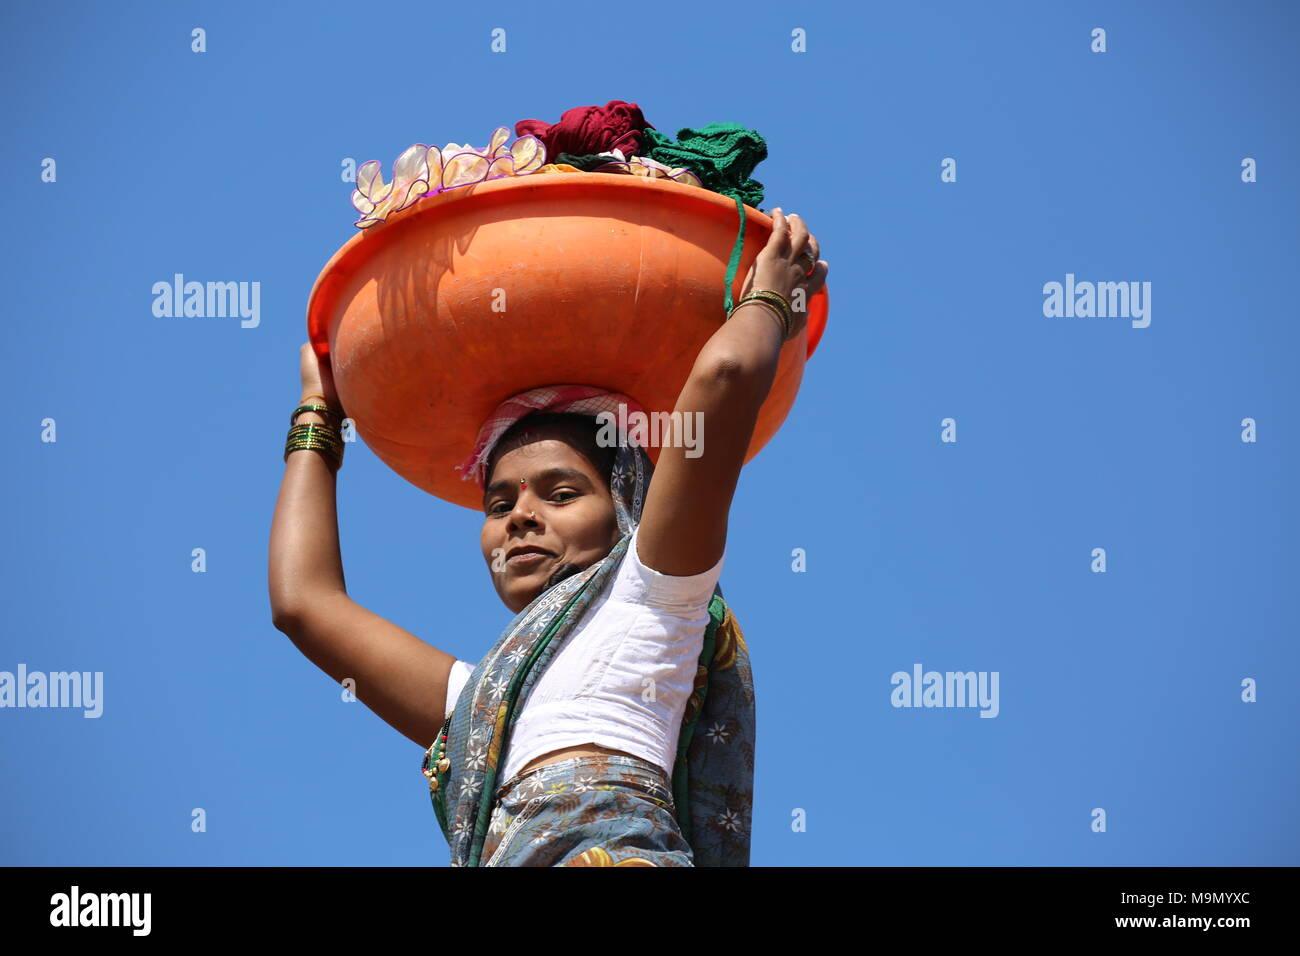 Indische Frau nach dem Waschen der Wäsche mit waschen Schüssel auf dem Kopf - Indische Frau / dem Wäsche waschen mit Waschschüssel mit dem Kopf Stockbild